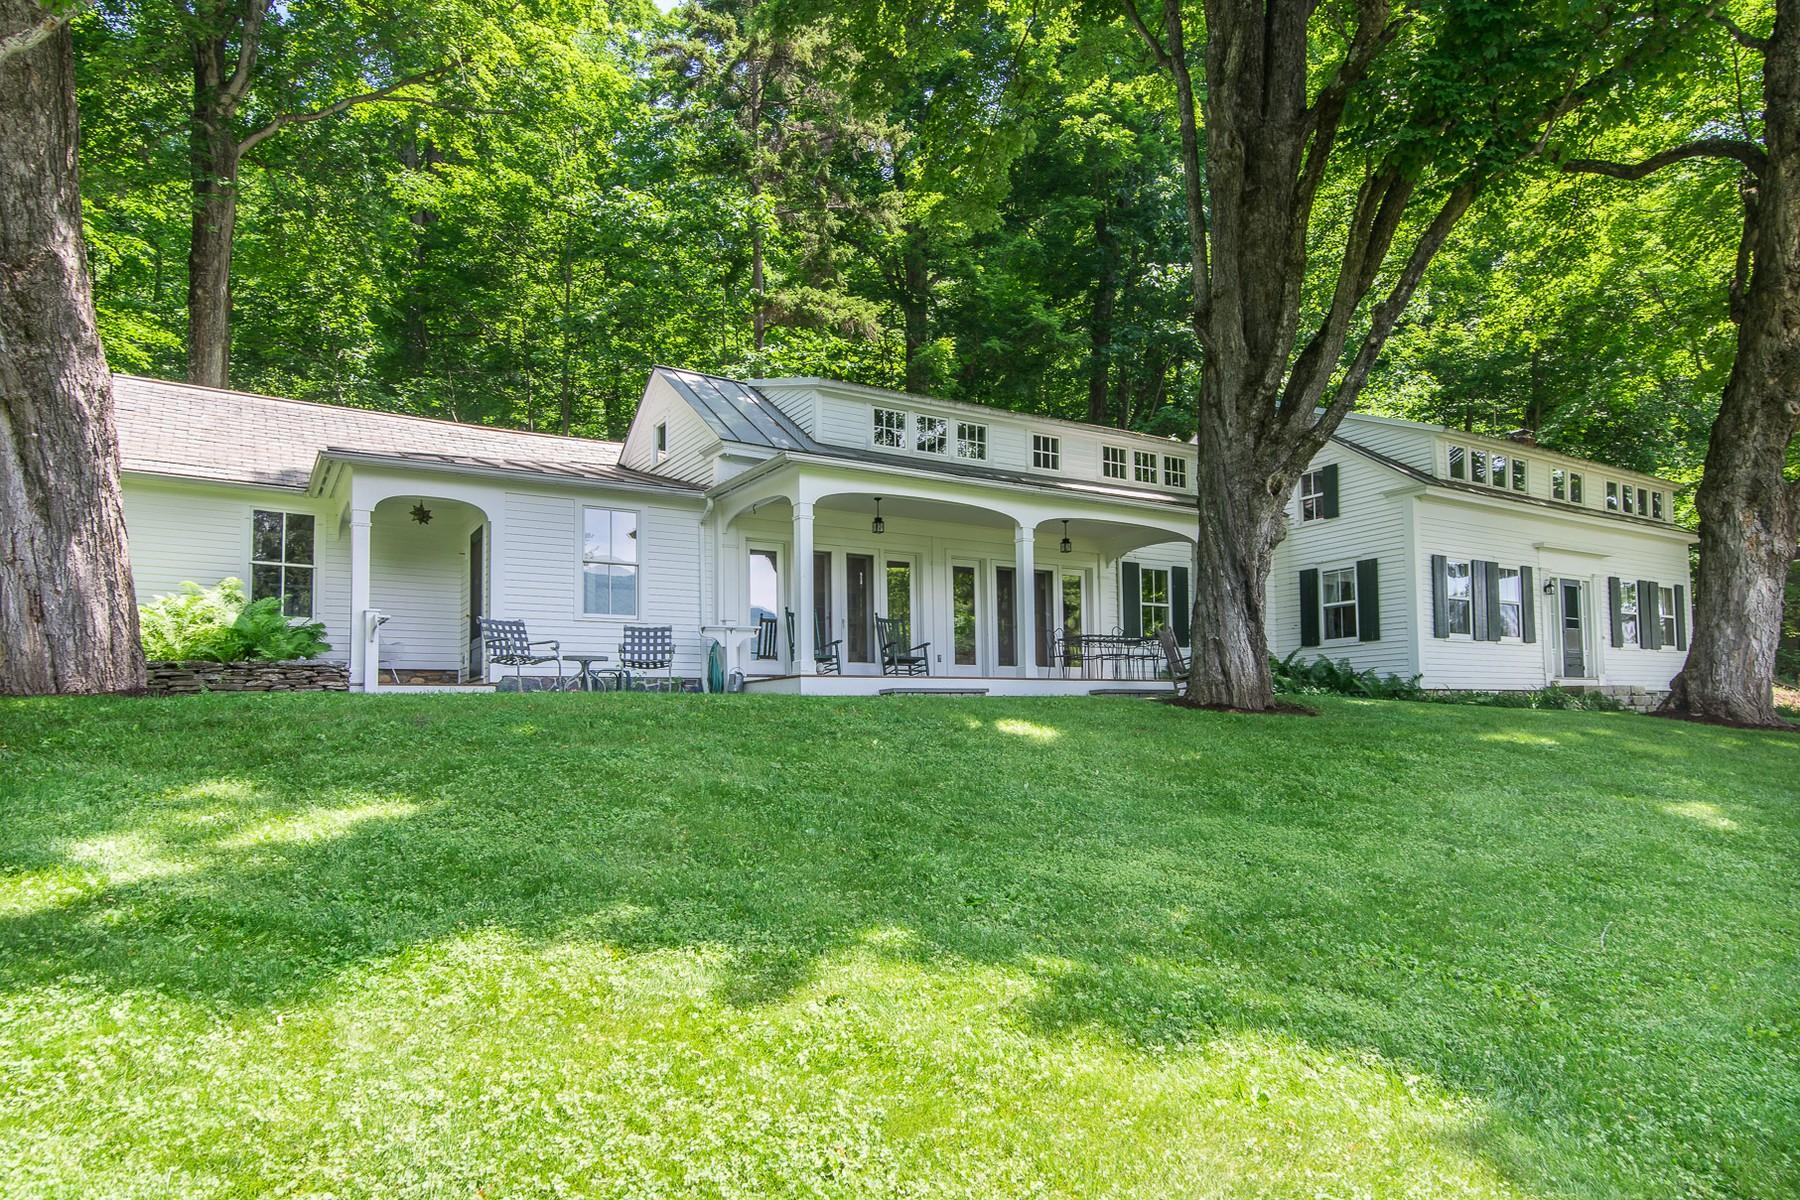 Casa Unifamiliar por un Venta en 209 Maple Hill Lane, Dorset 209 Maple Hill Ln Dorset, Vermont 05251 Estados Unidos